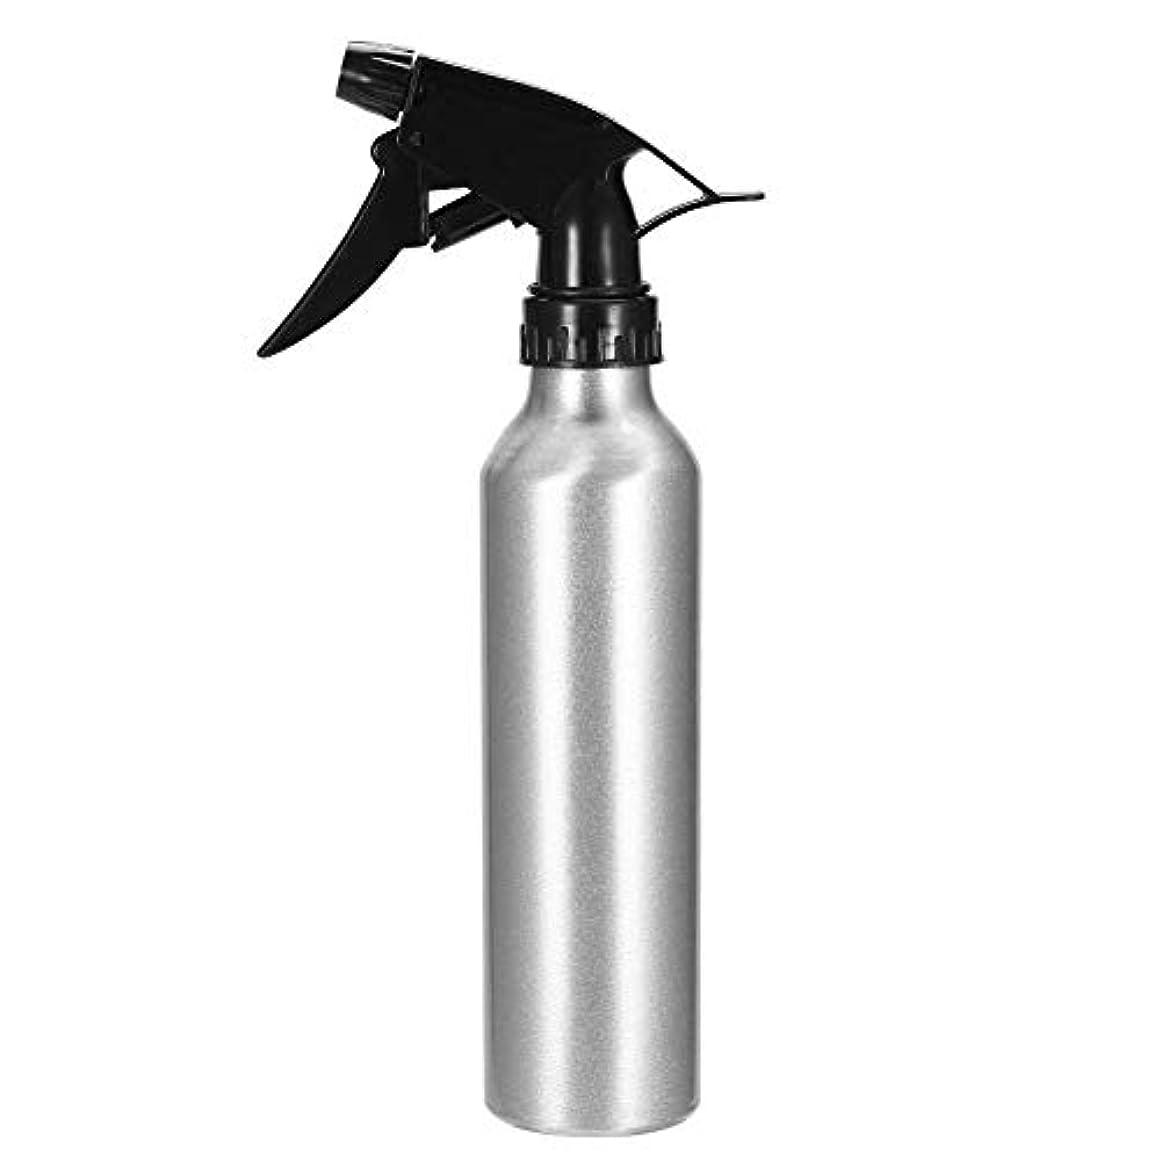 きょうだいとんでもない杭Pichidr-JP アルミスプレーボトルシルバートリガーエンプティタトゥーエッセンシャルオイルスプレー用サロン理容美容院植物クリーニング